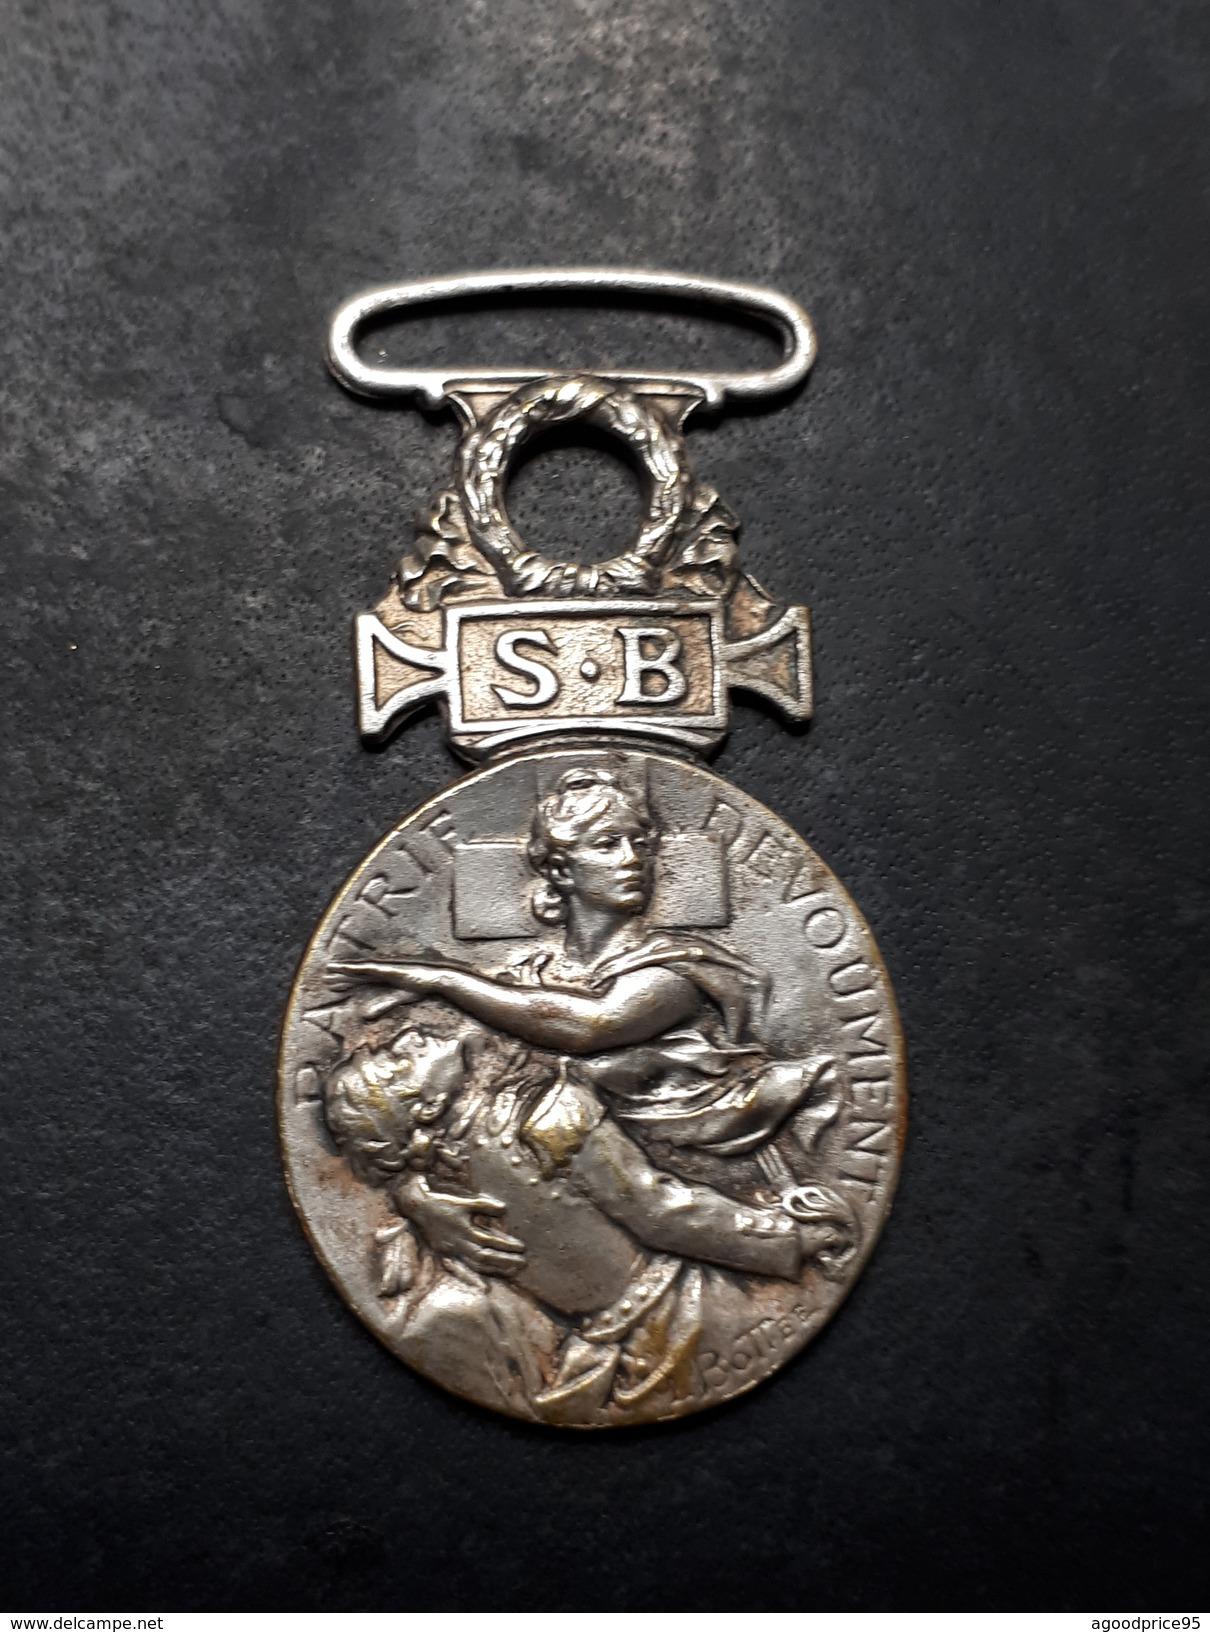 """MEDAILLE DE  : """"SECOURS AUX BLESSES MILITAIRES"""" - Avant 1871"""